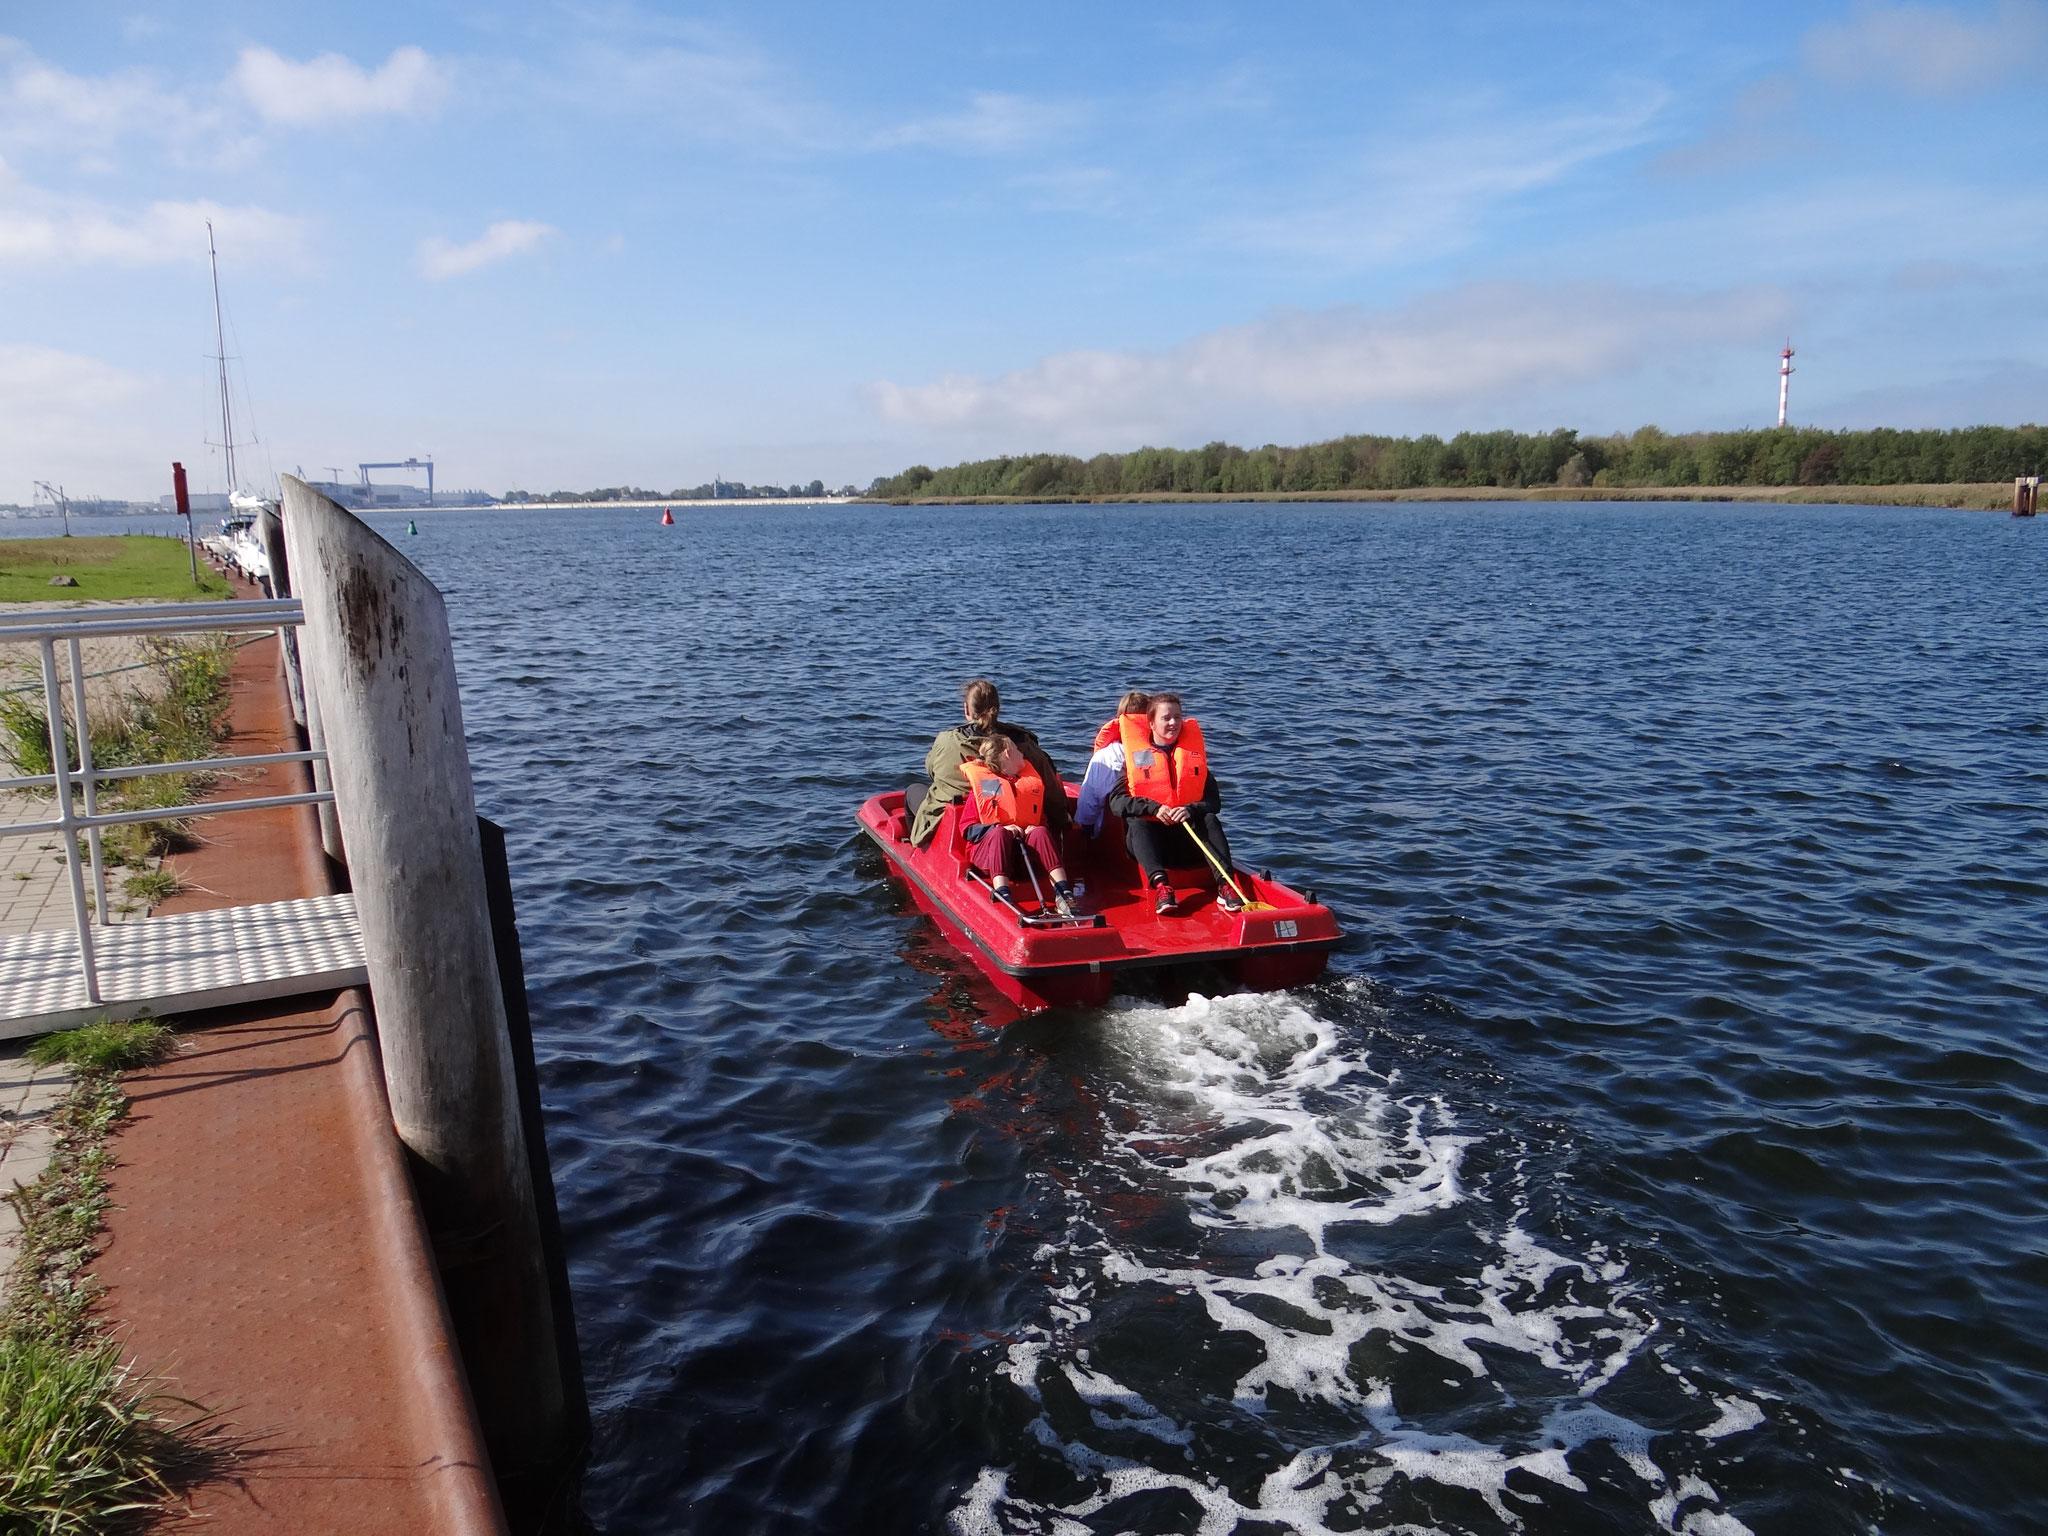 Müllsammeln mit dem Tretboot bringt Groß und Klein an diesem Tag am Breitling Spaß. Bildautor: NABU Regionalverband Mittleres Mecklenburg e.V.